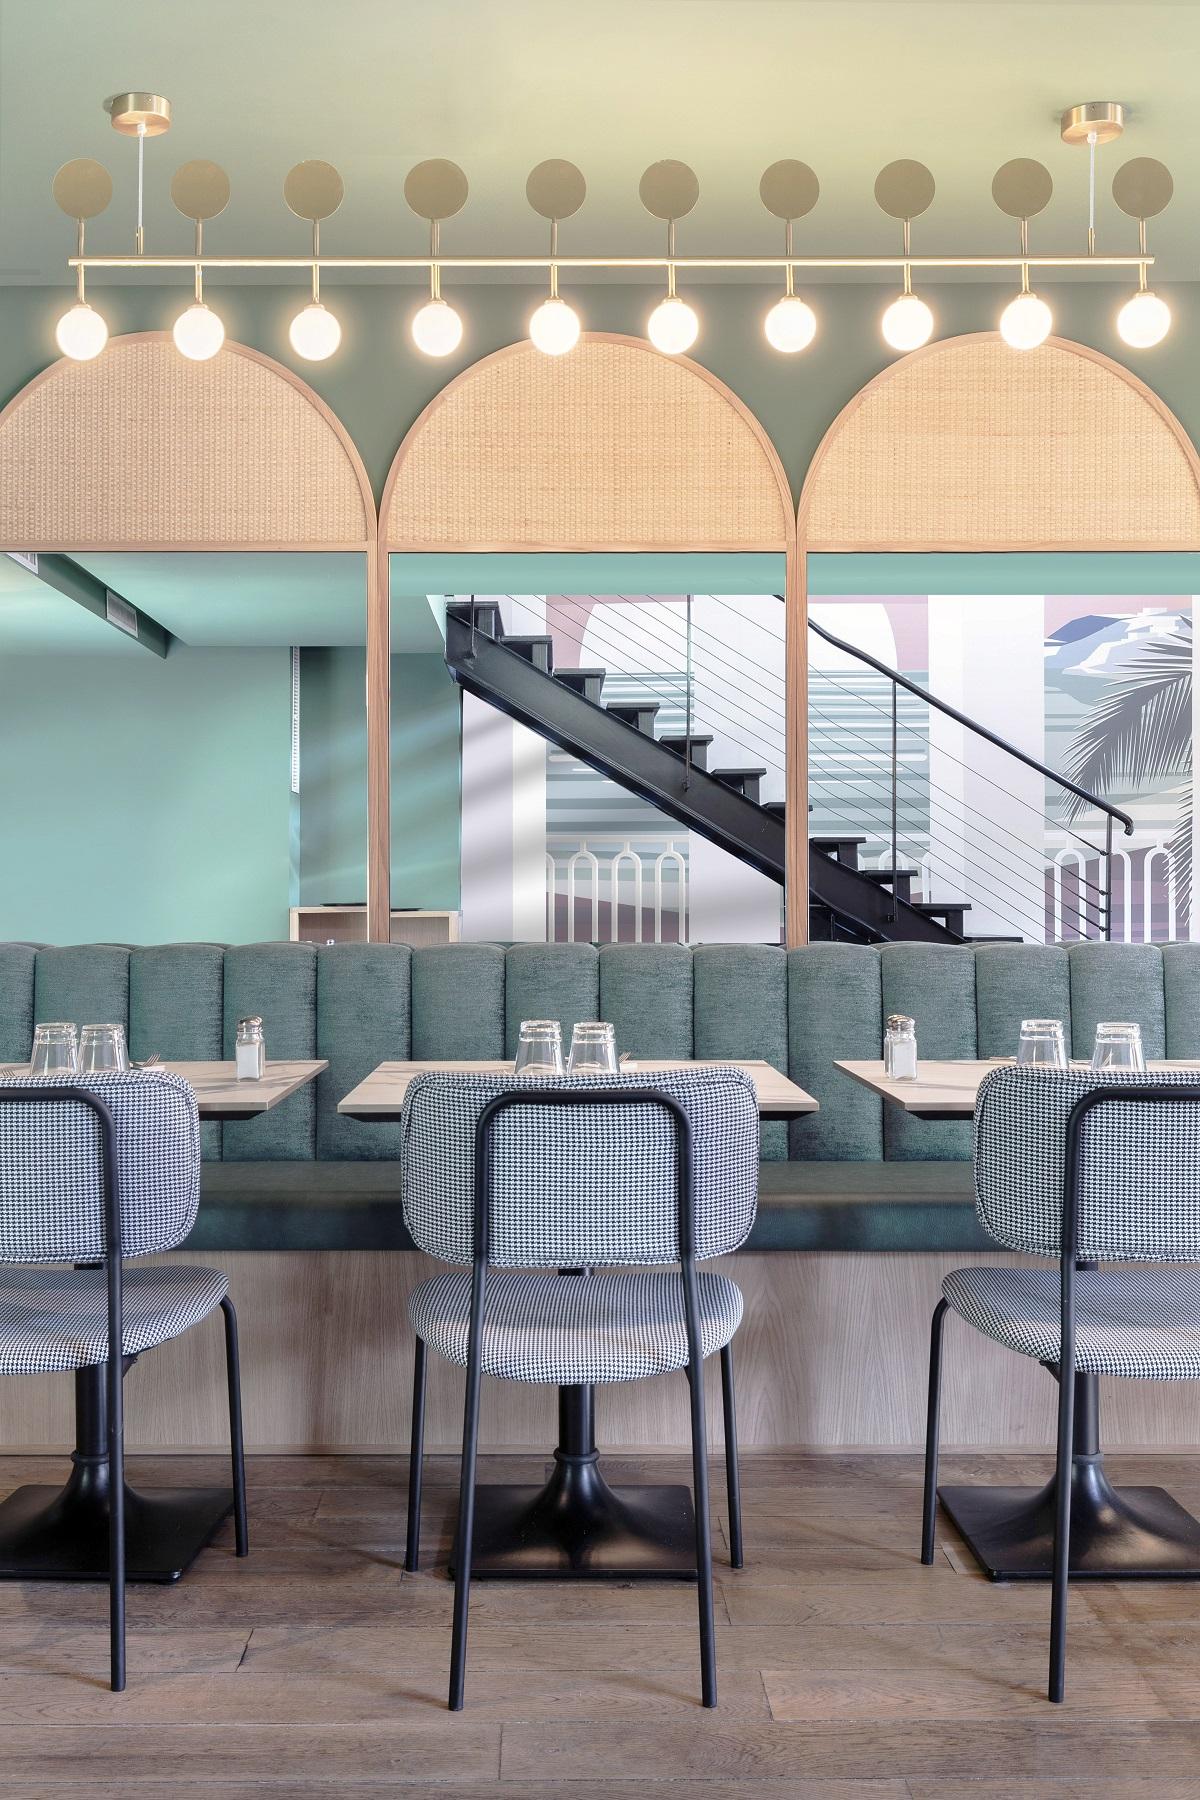 Banquettes & habillages muraux (2)- Crédit photo Studio 614